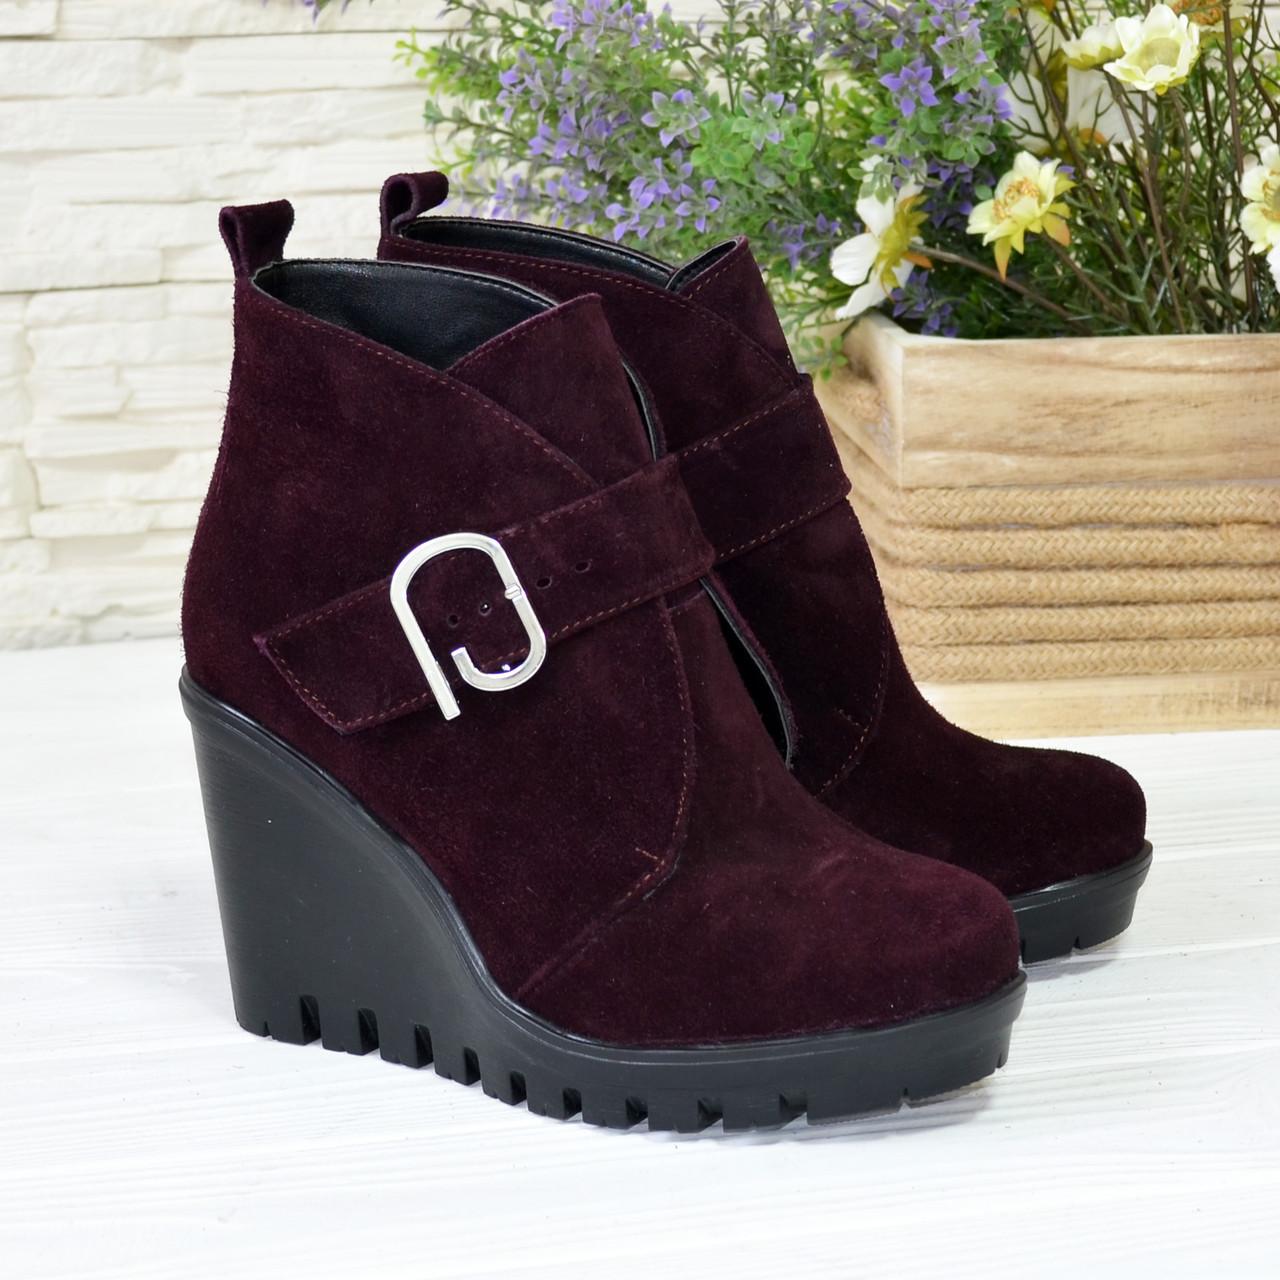 Ботинки замшевые зимние женские на высокой платформе, цвет фиолетовый